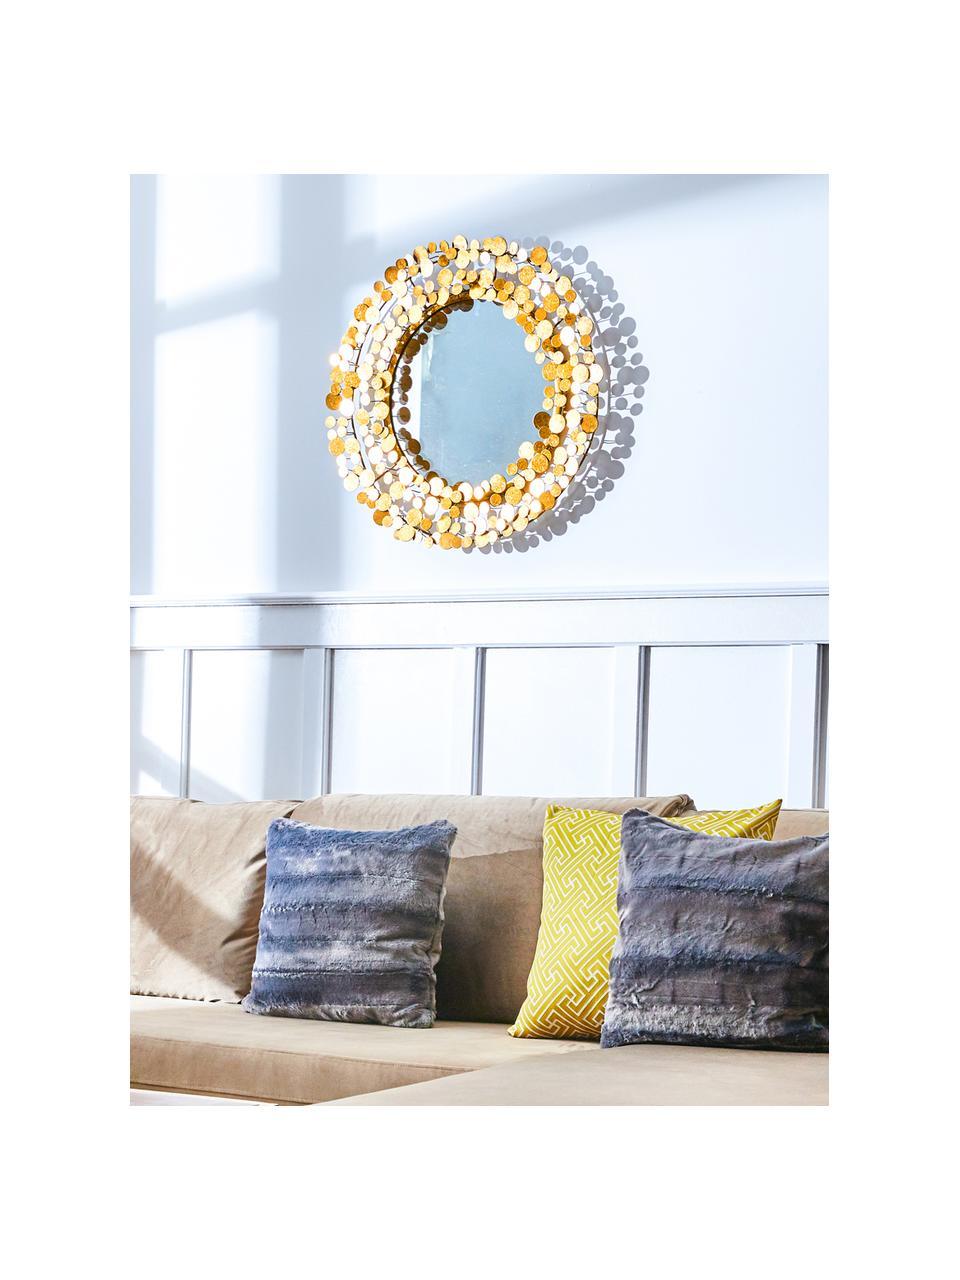 Runder Wandspiegel Penny mit gebürstetem Goldrahmen, Rahmen: Eisen mit goldfarbener Fo, Spiegelfläche: Spiegelglas, Goldfarben, Ø 64 cm